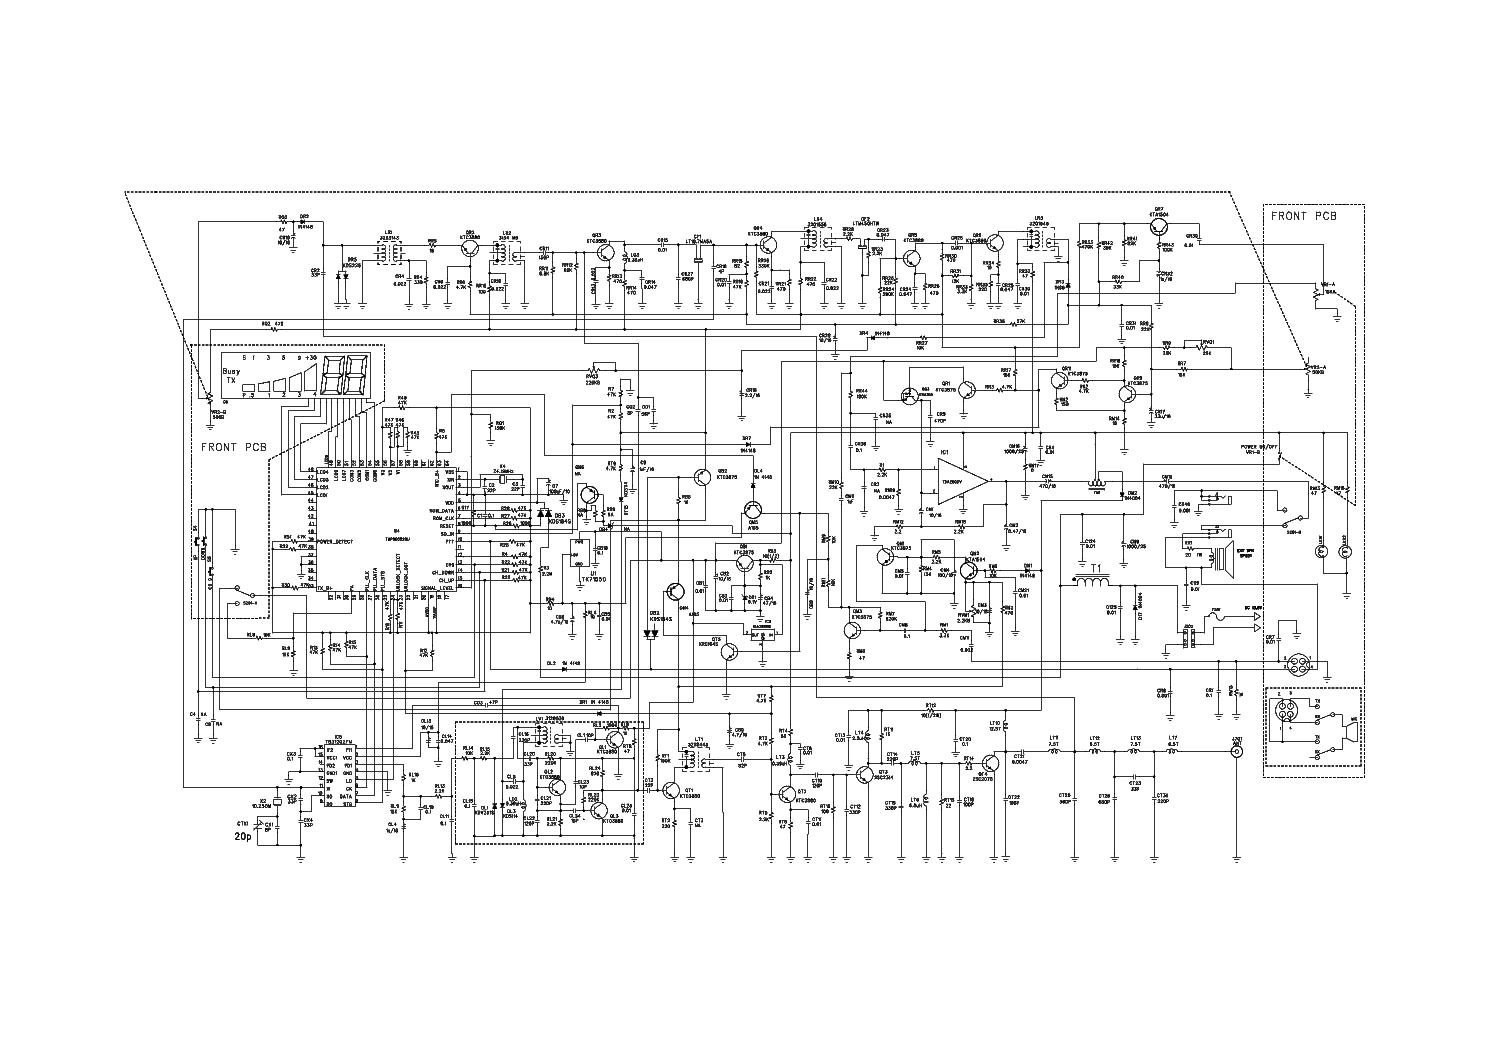 h96 pro plus manual pdf